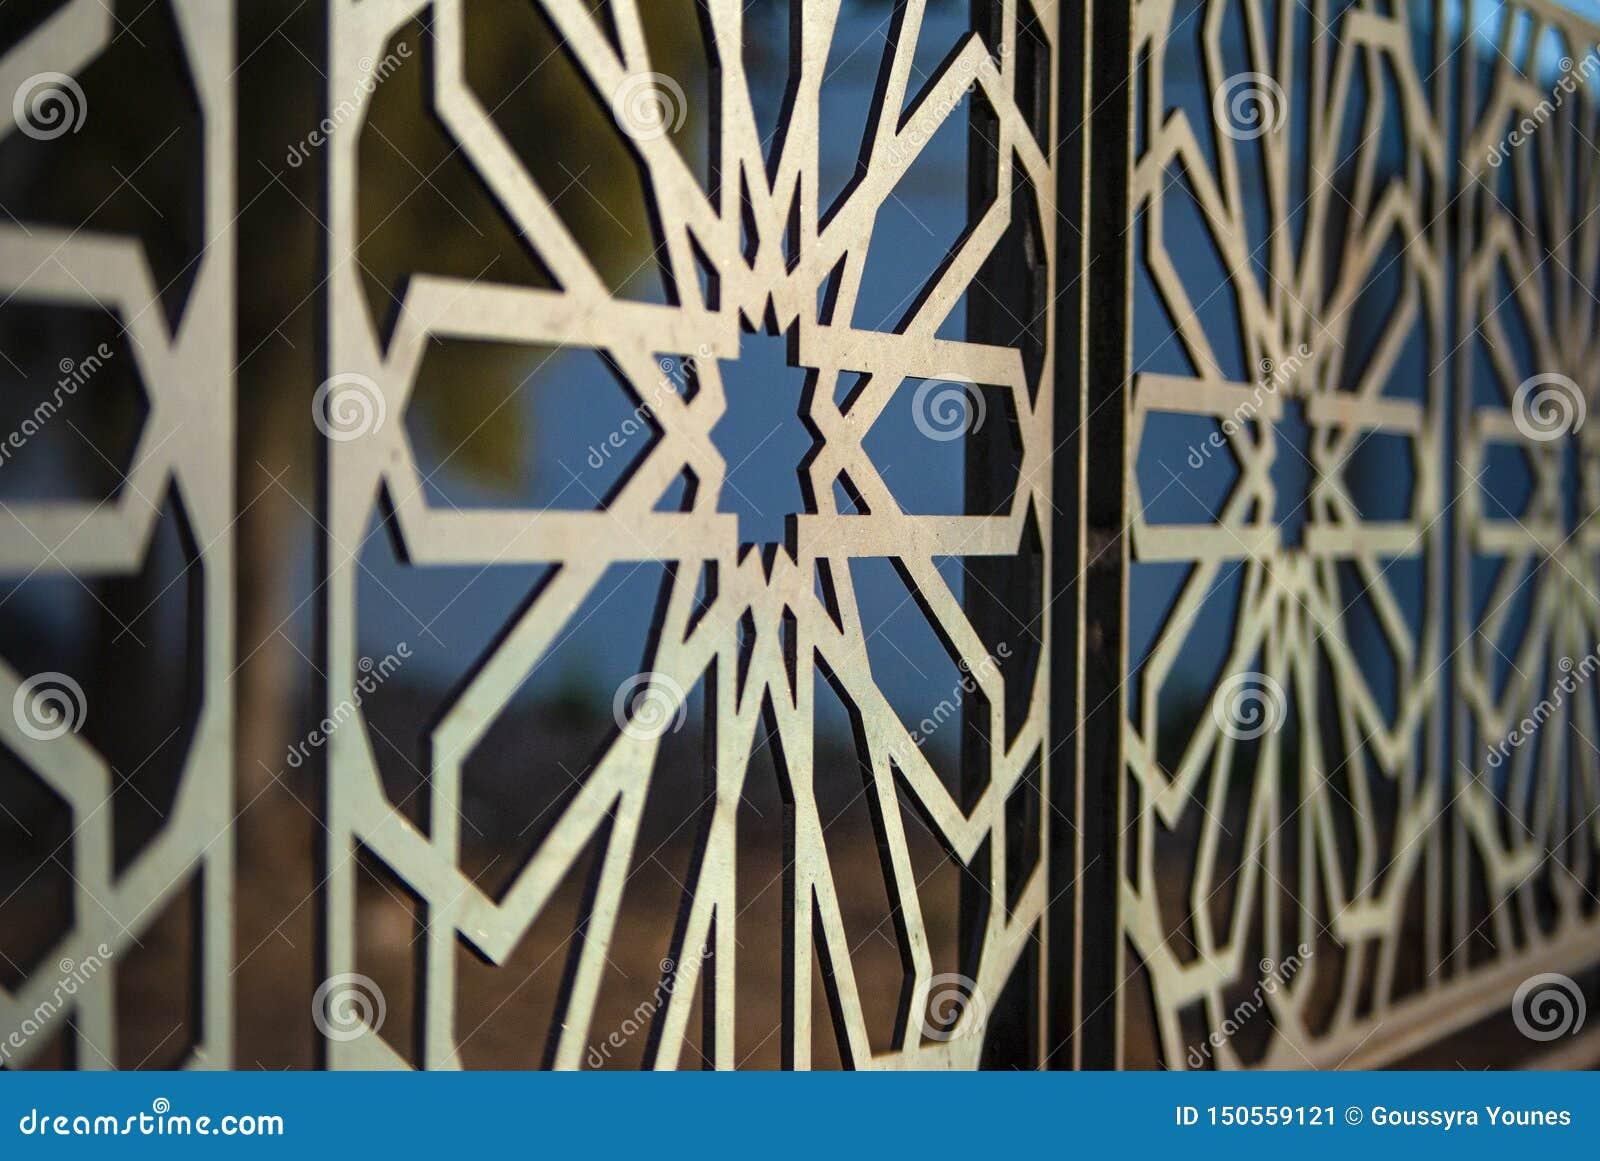 Traditionele Mozaïek van Morrocan van het kunst het architecturale patroon